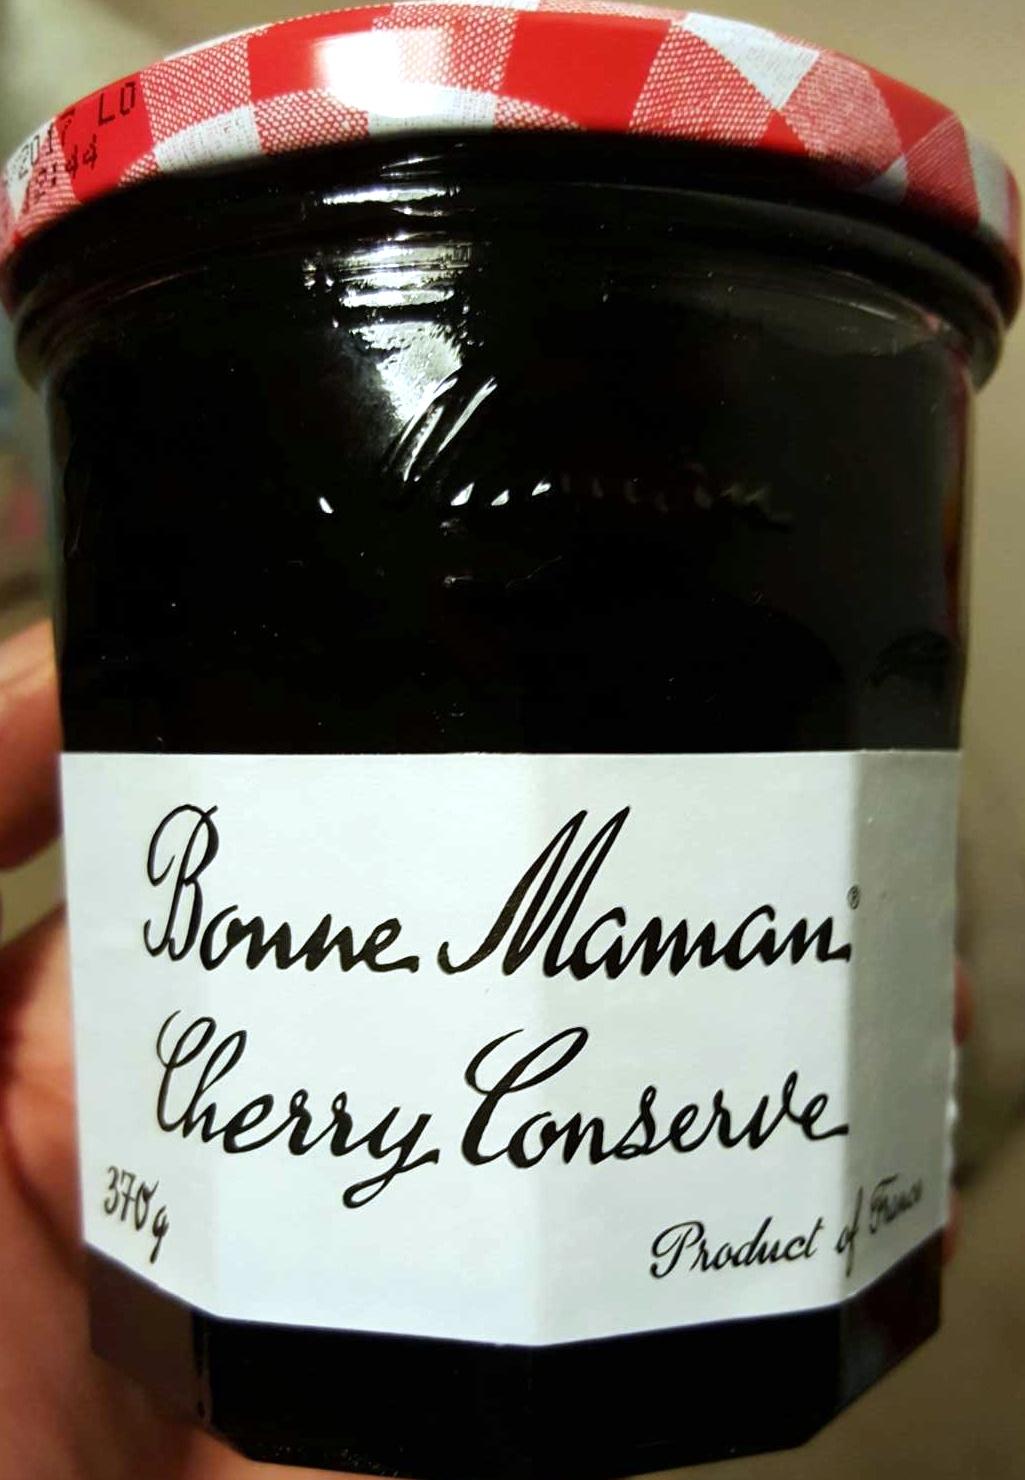 Cherry conserve - Product - en